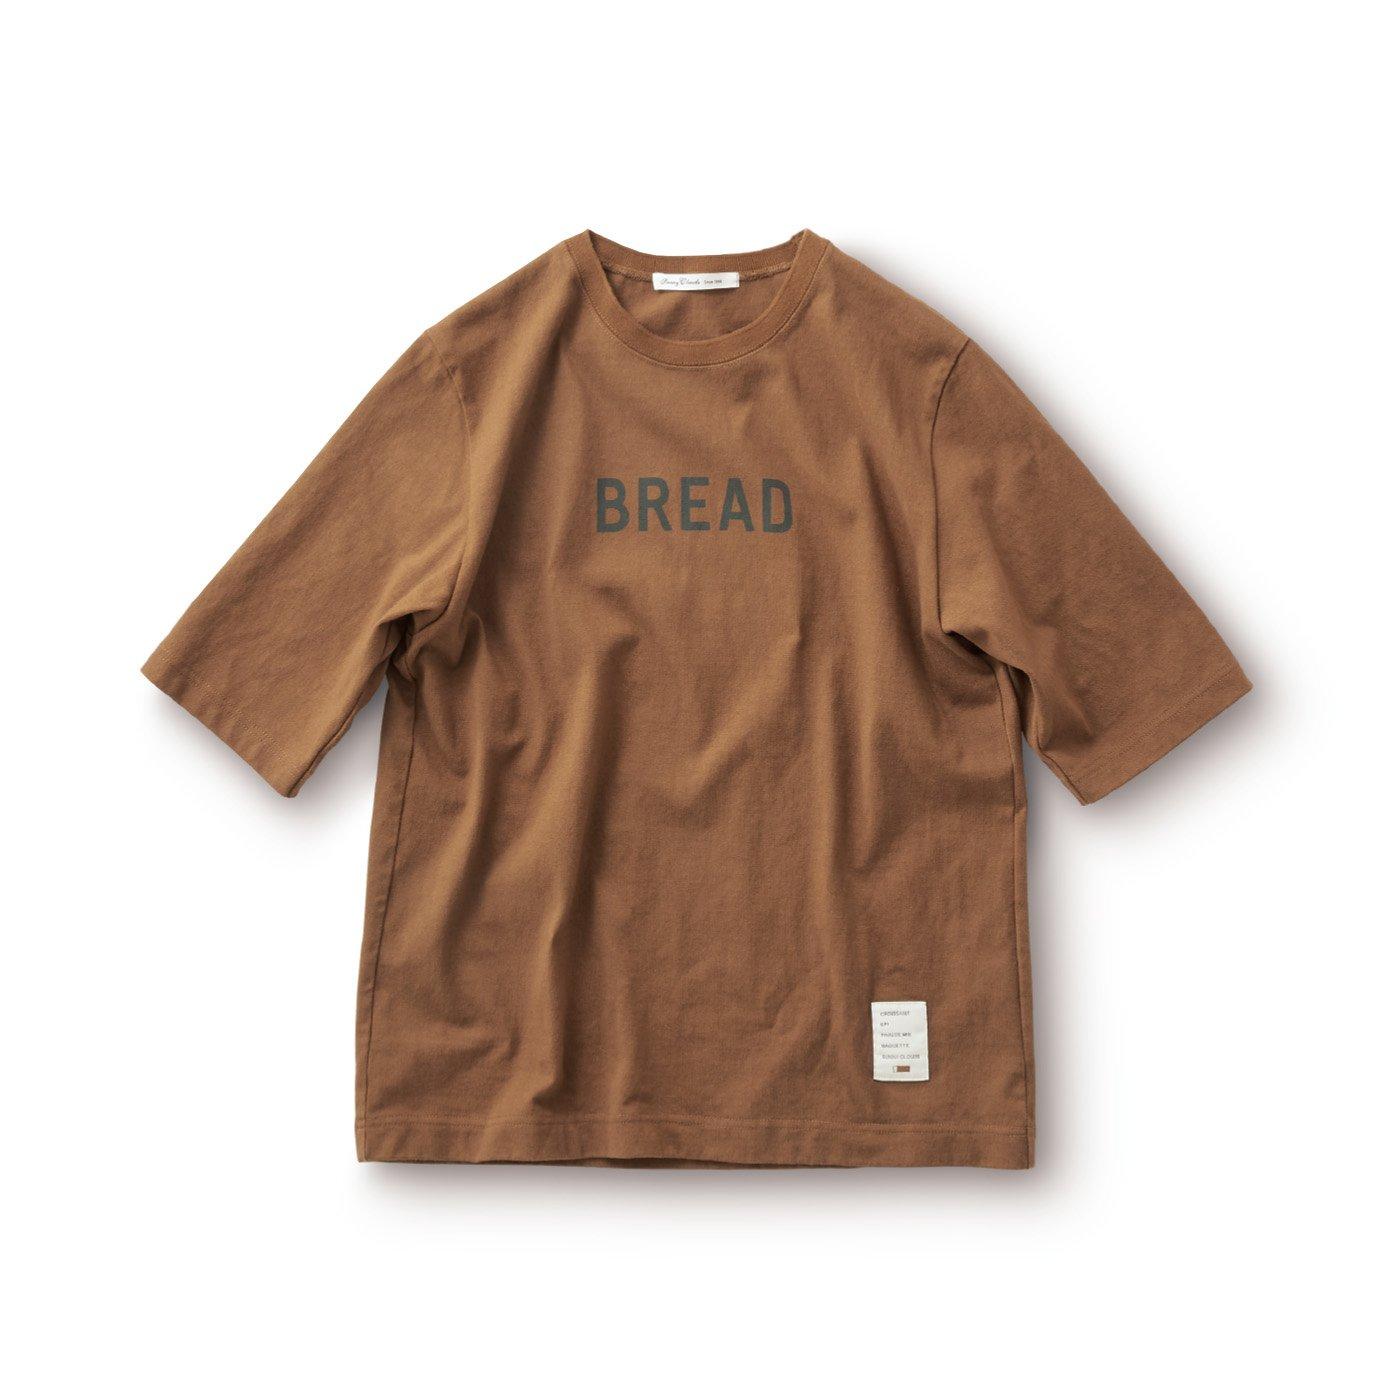 サニークラウズ パン屋さんのTシャツ〈メンズ〉